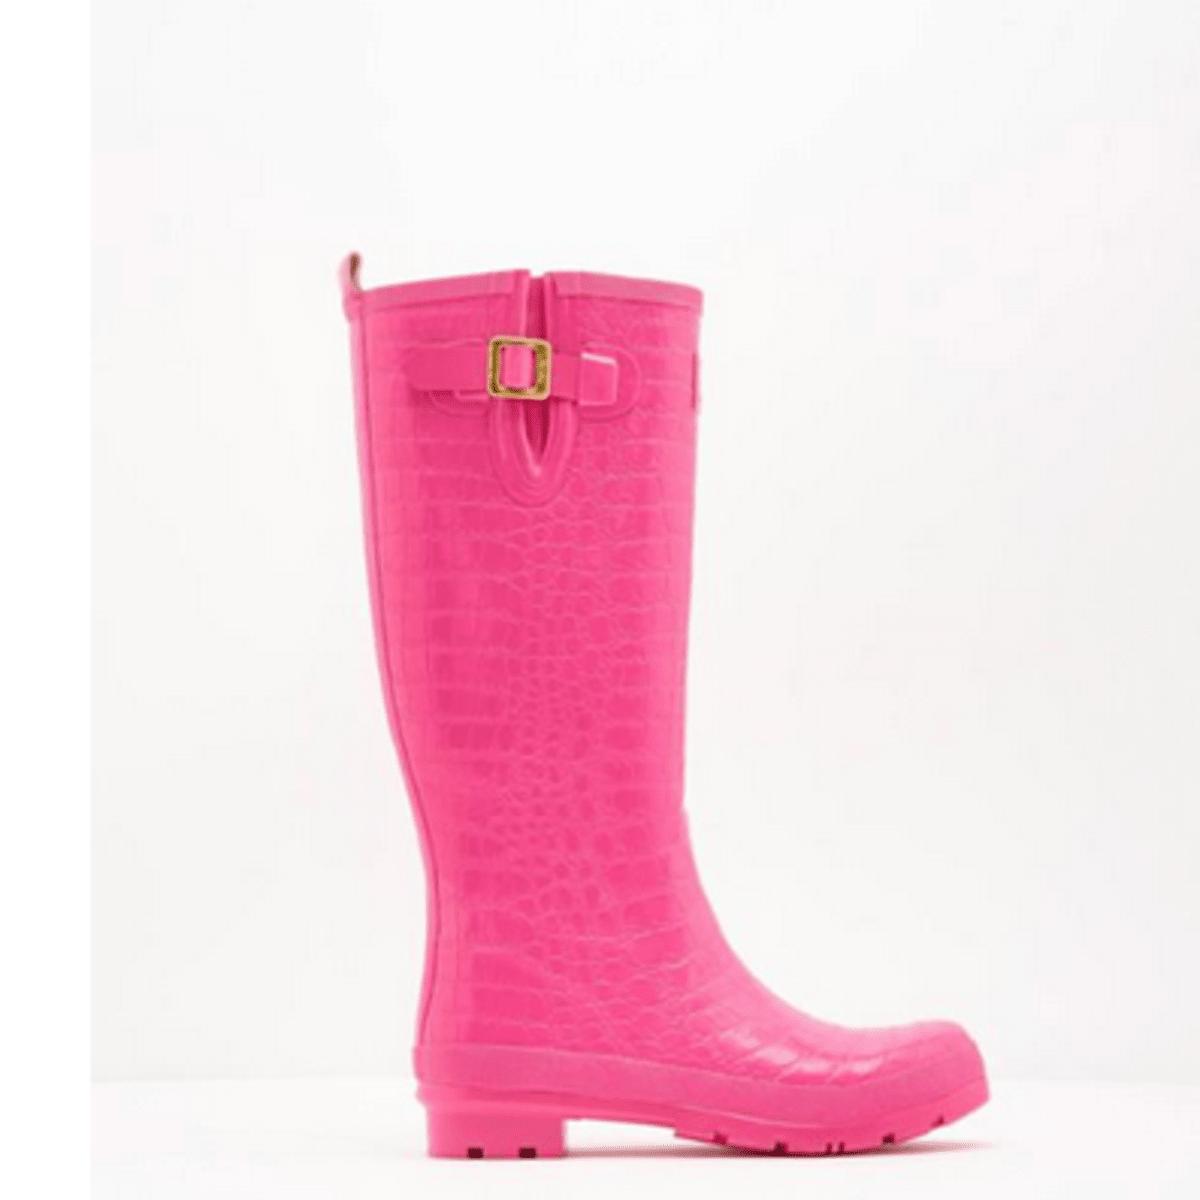 Crockington Textured Rain Boots, $84.95